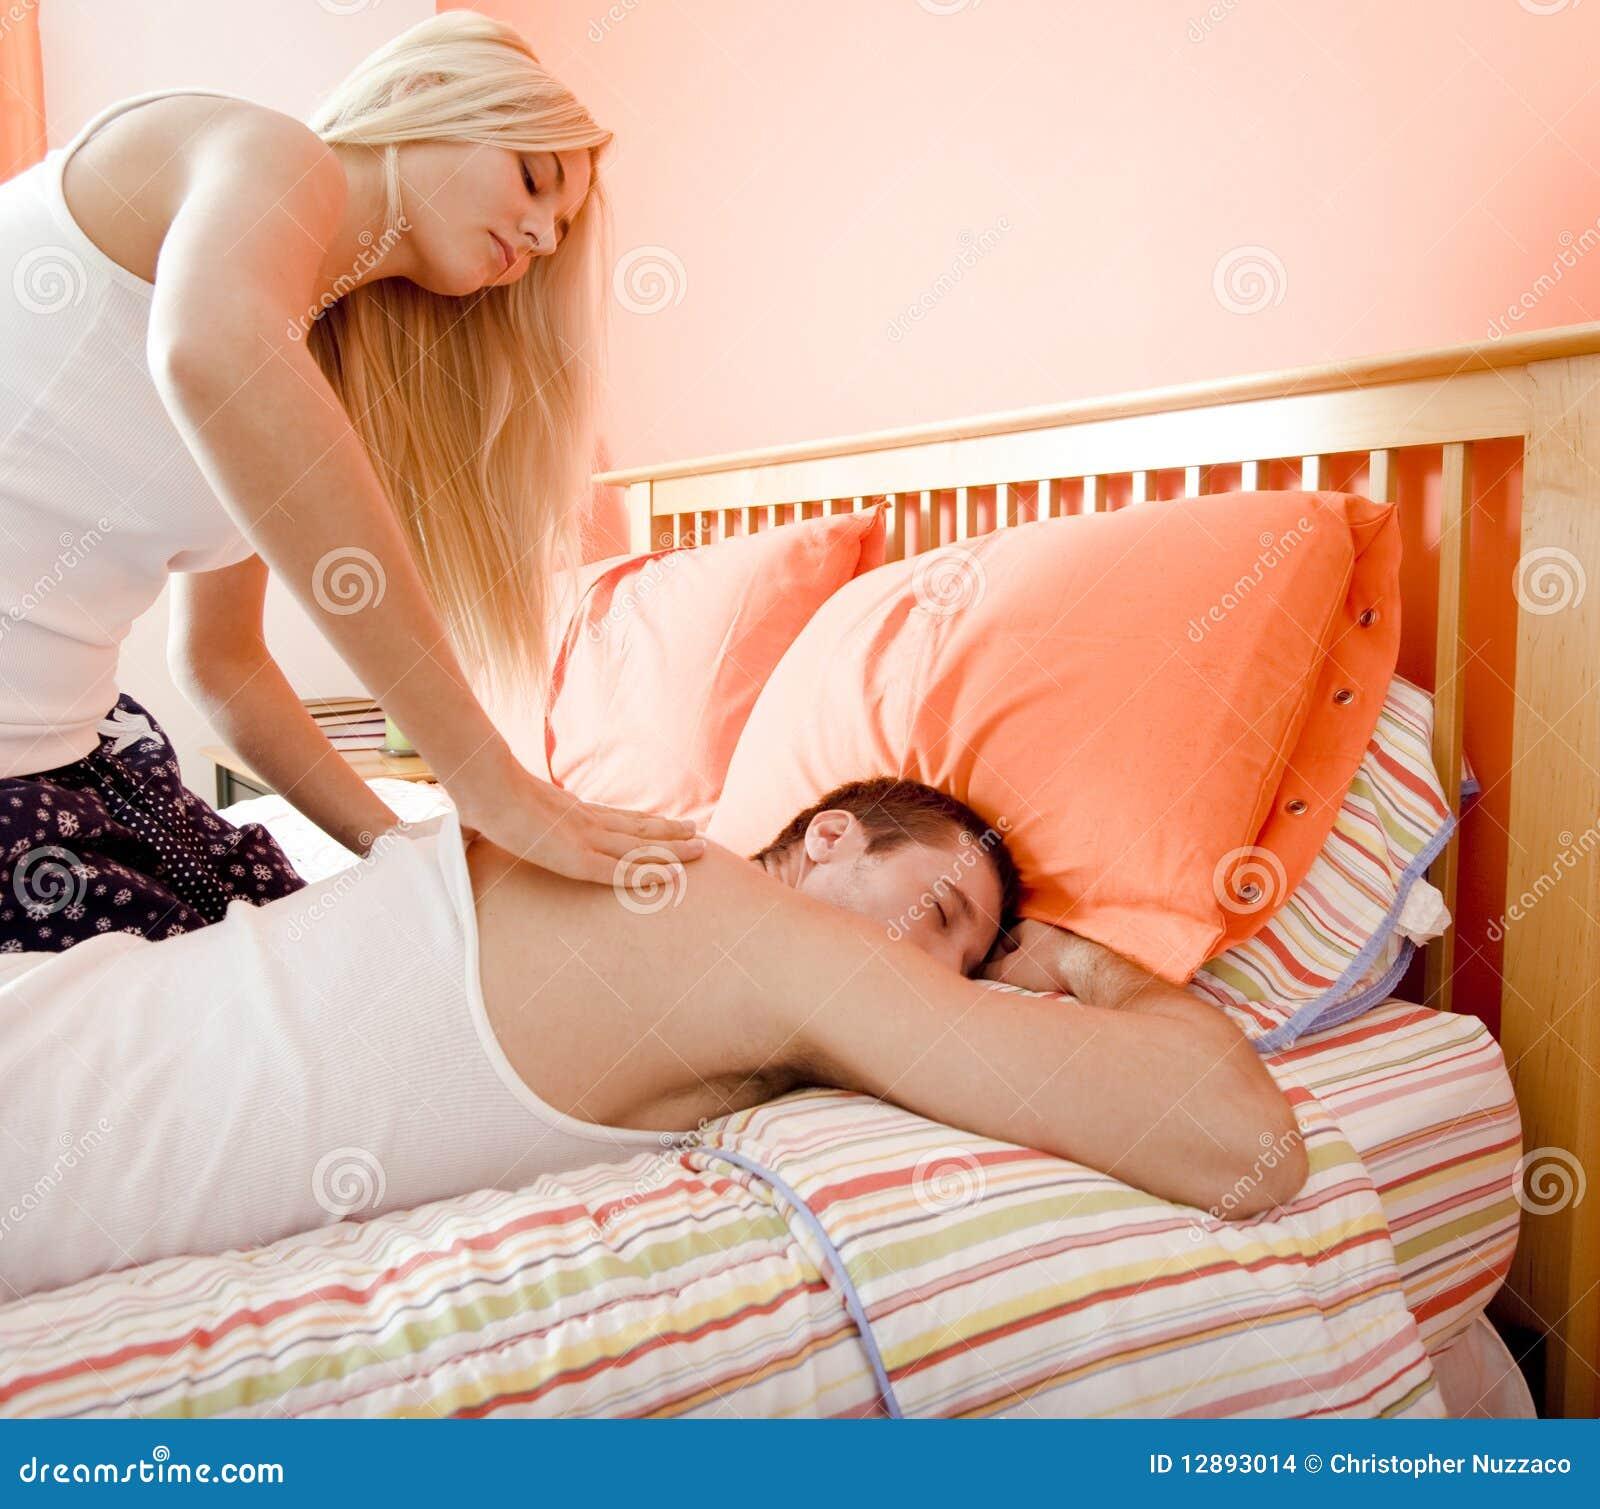 massagens leiria mulheres leiria